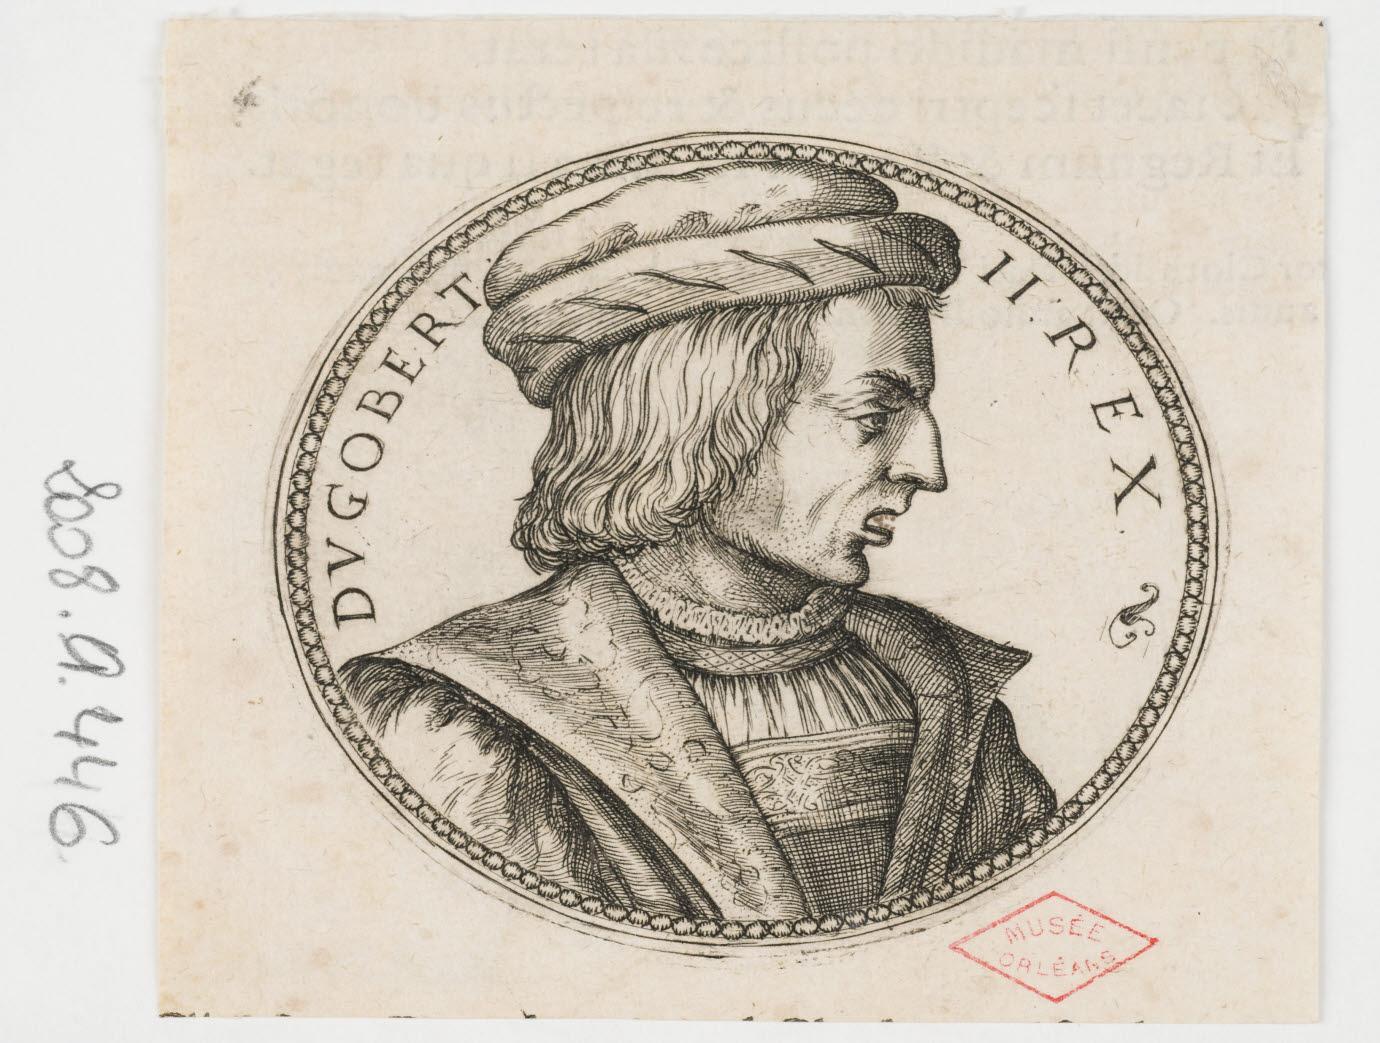 WOEIRIOT DE BOUZEY Pierre (inventeur, graveur) : Dagobert II, roi d'Austrasie